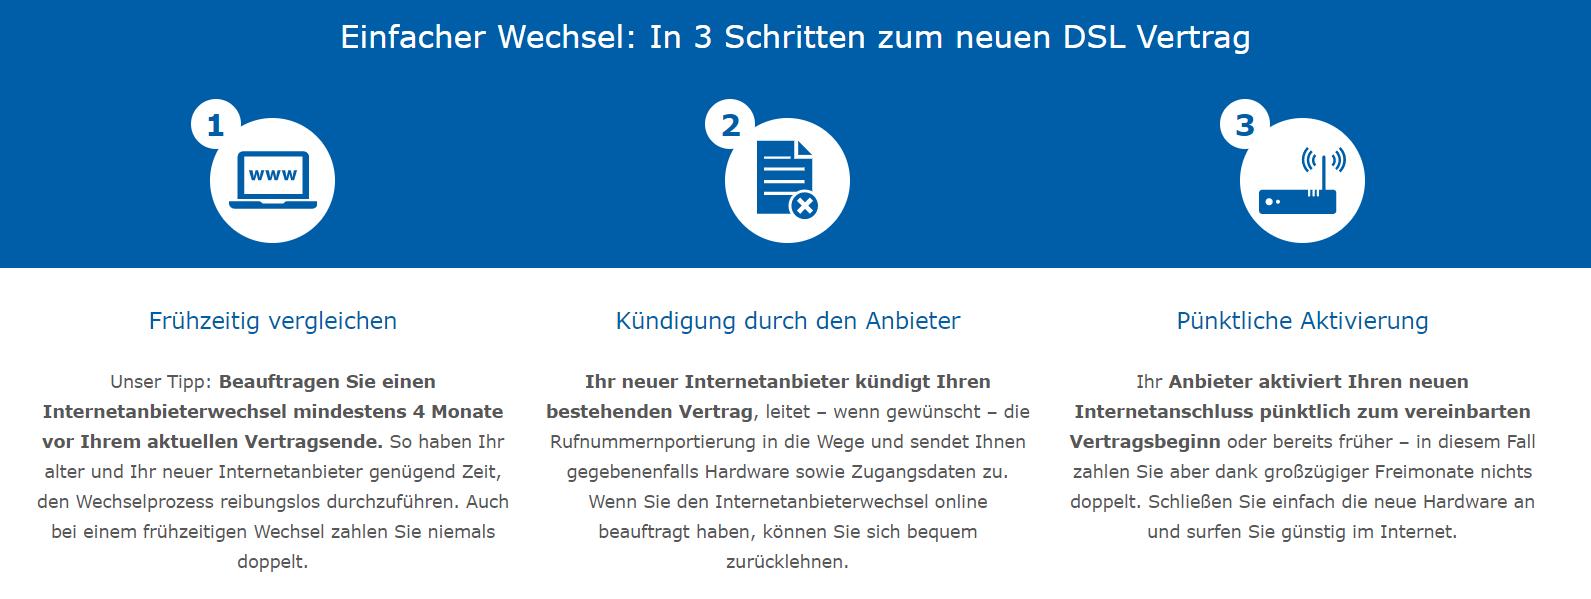 ISP (Internet Service Provier) Wechsel in 3 einfachen Schritten - Infografik